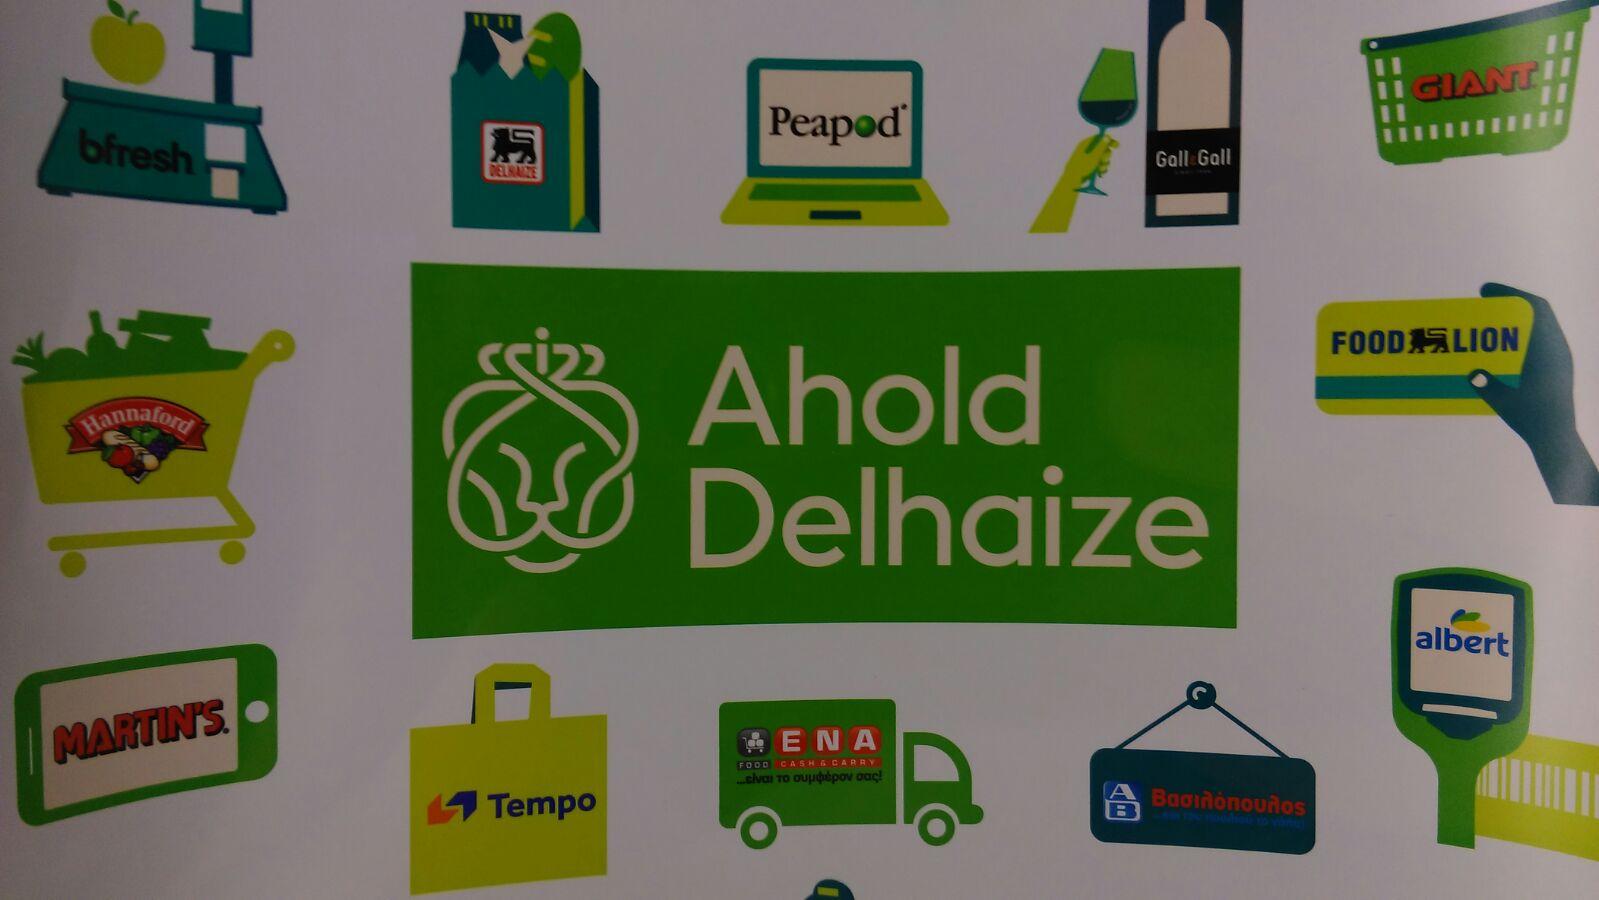 De merken van de nieuwe combinatie Ahold Delhaize